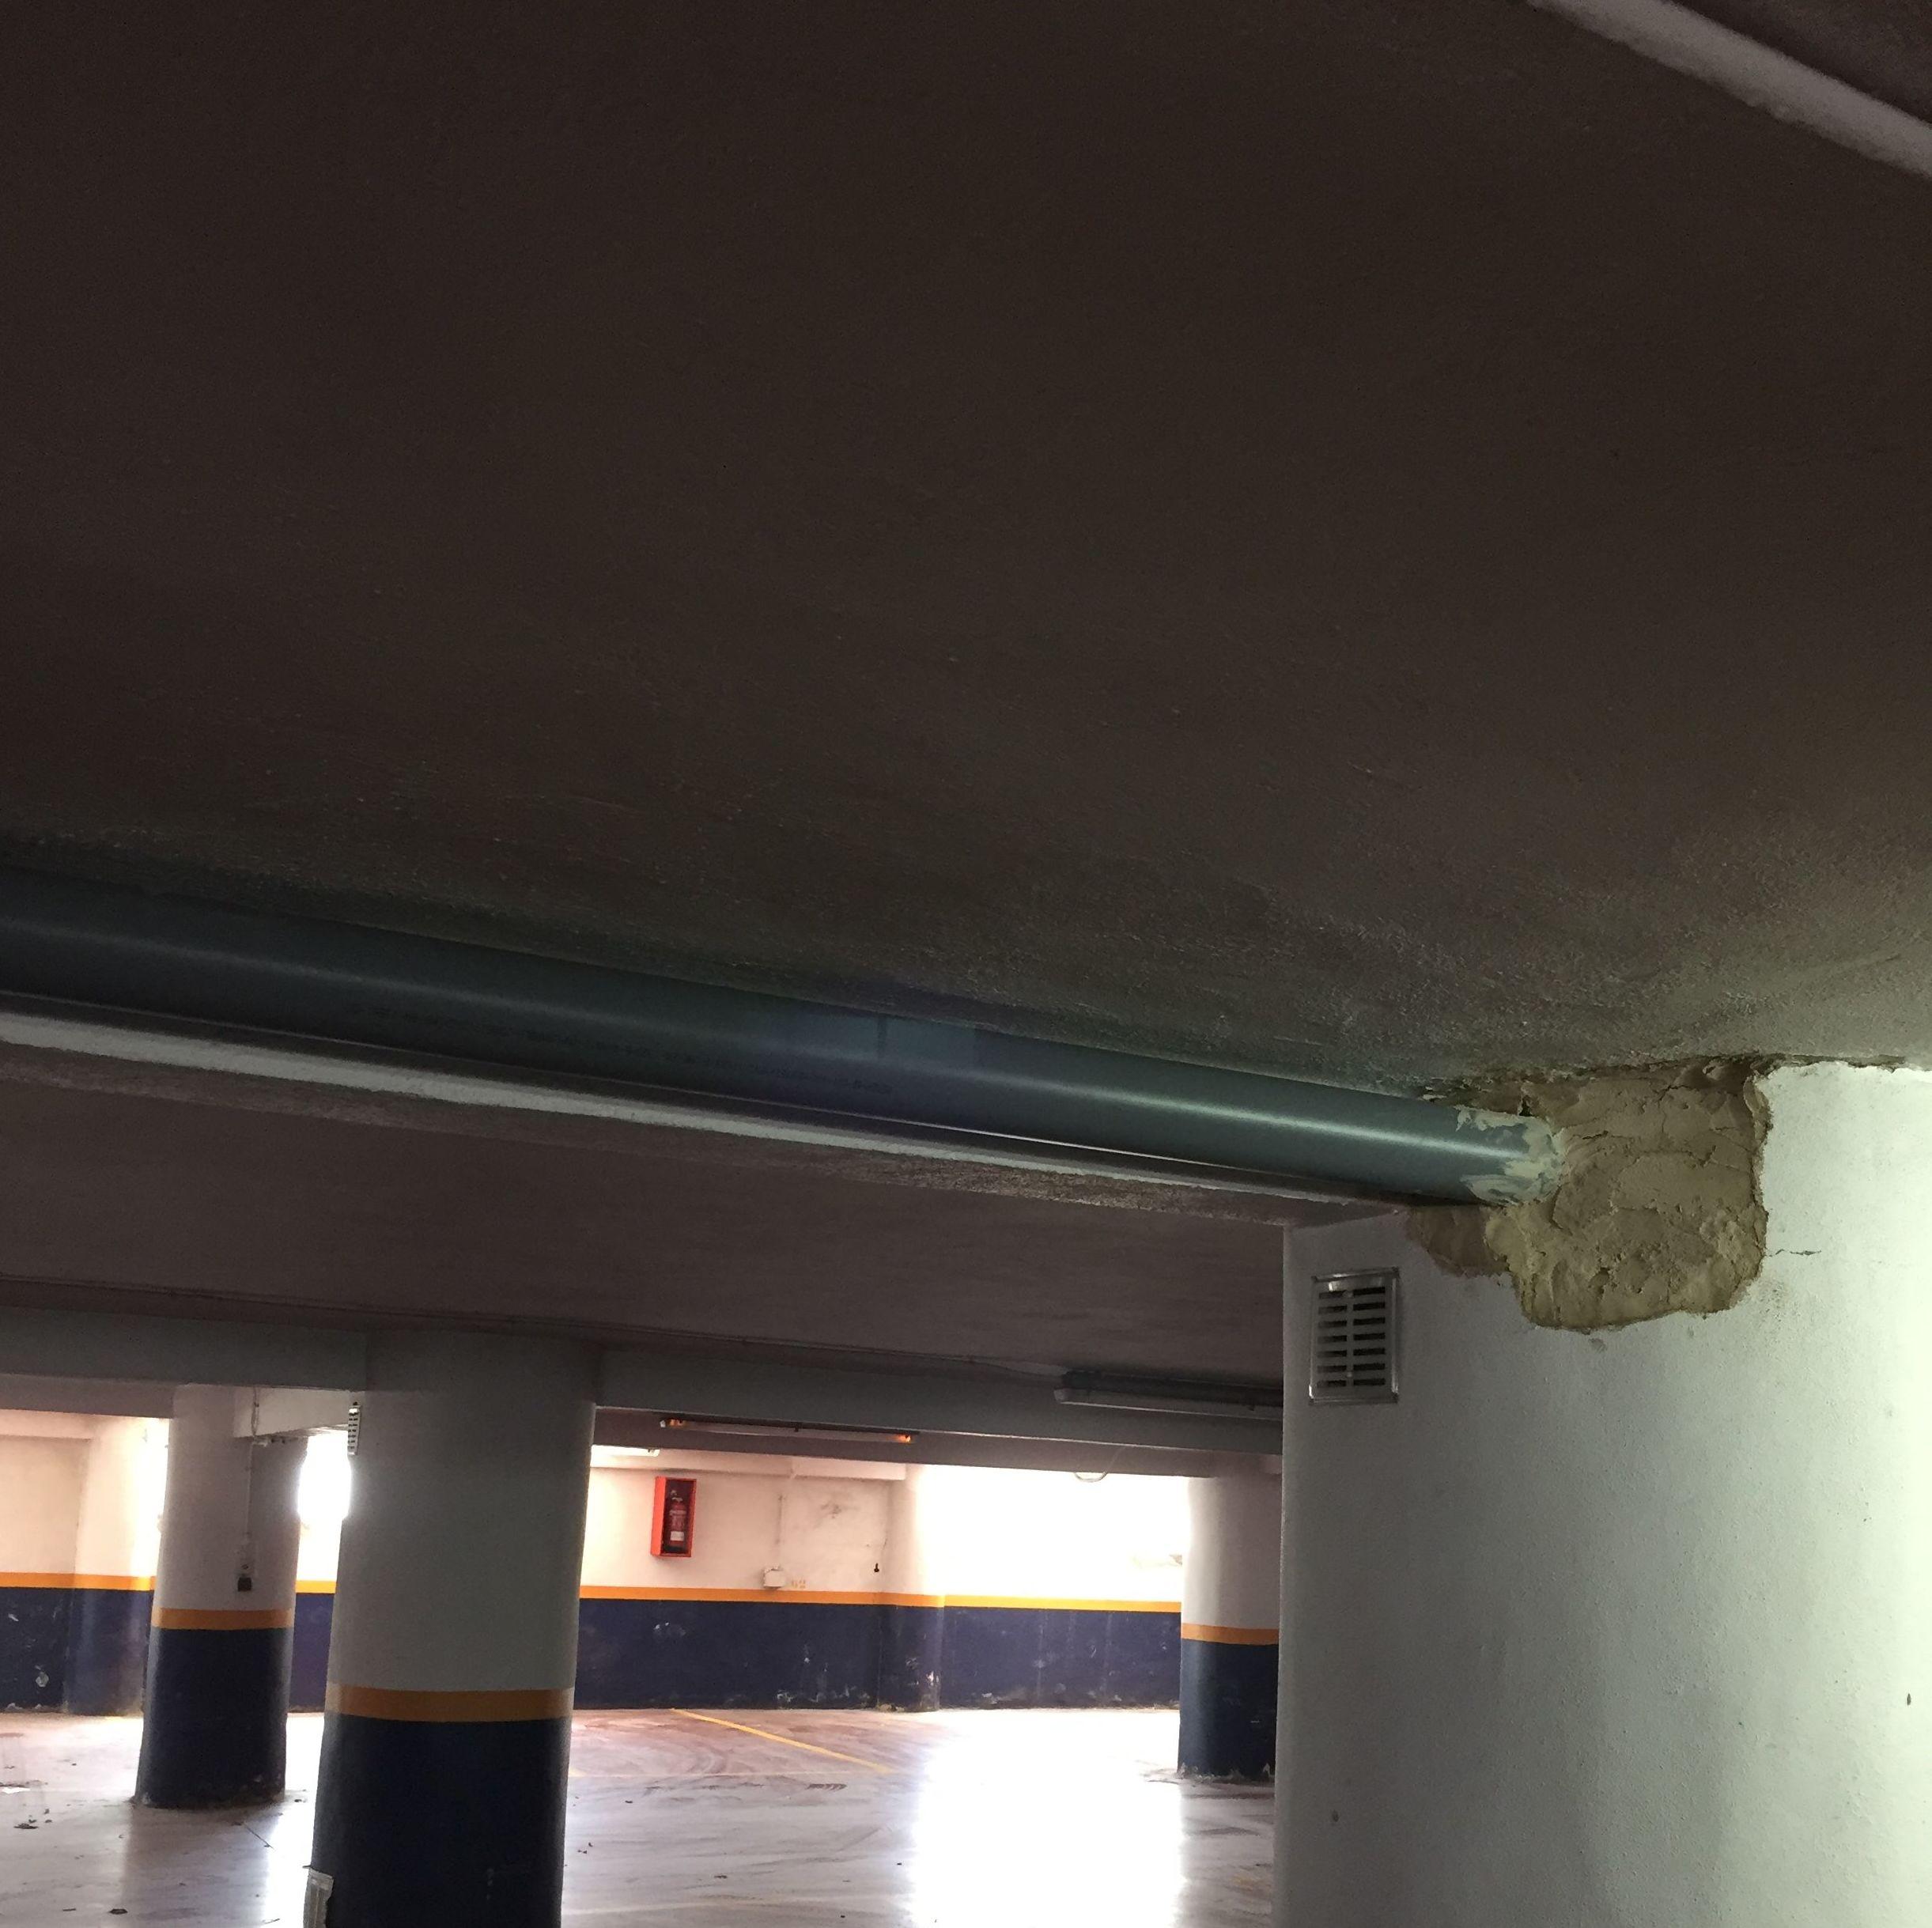 Reforma del techo de un garaje